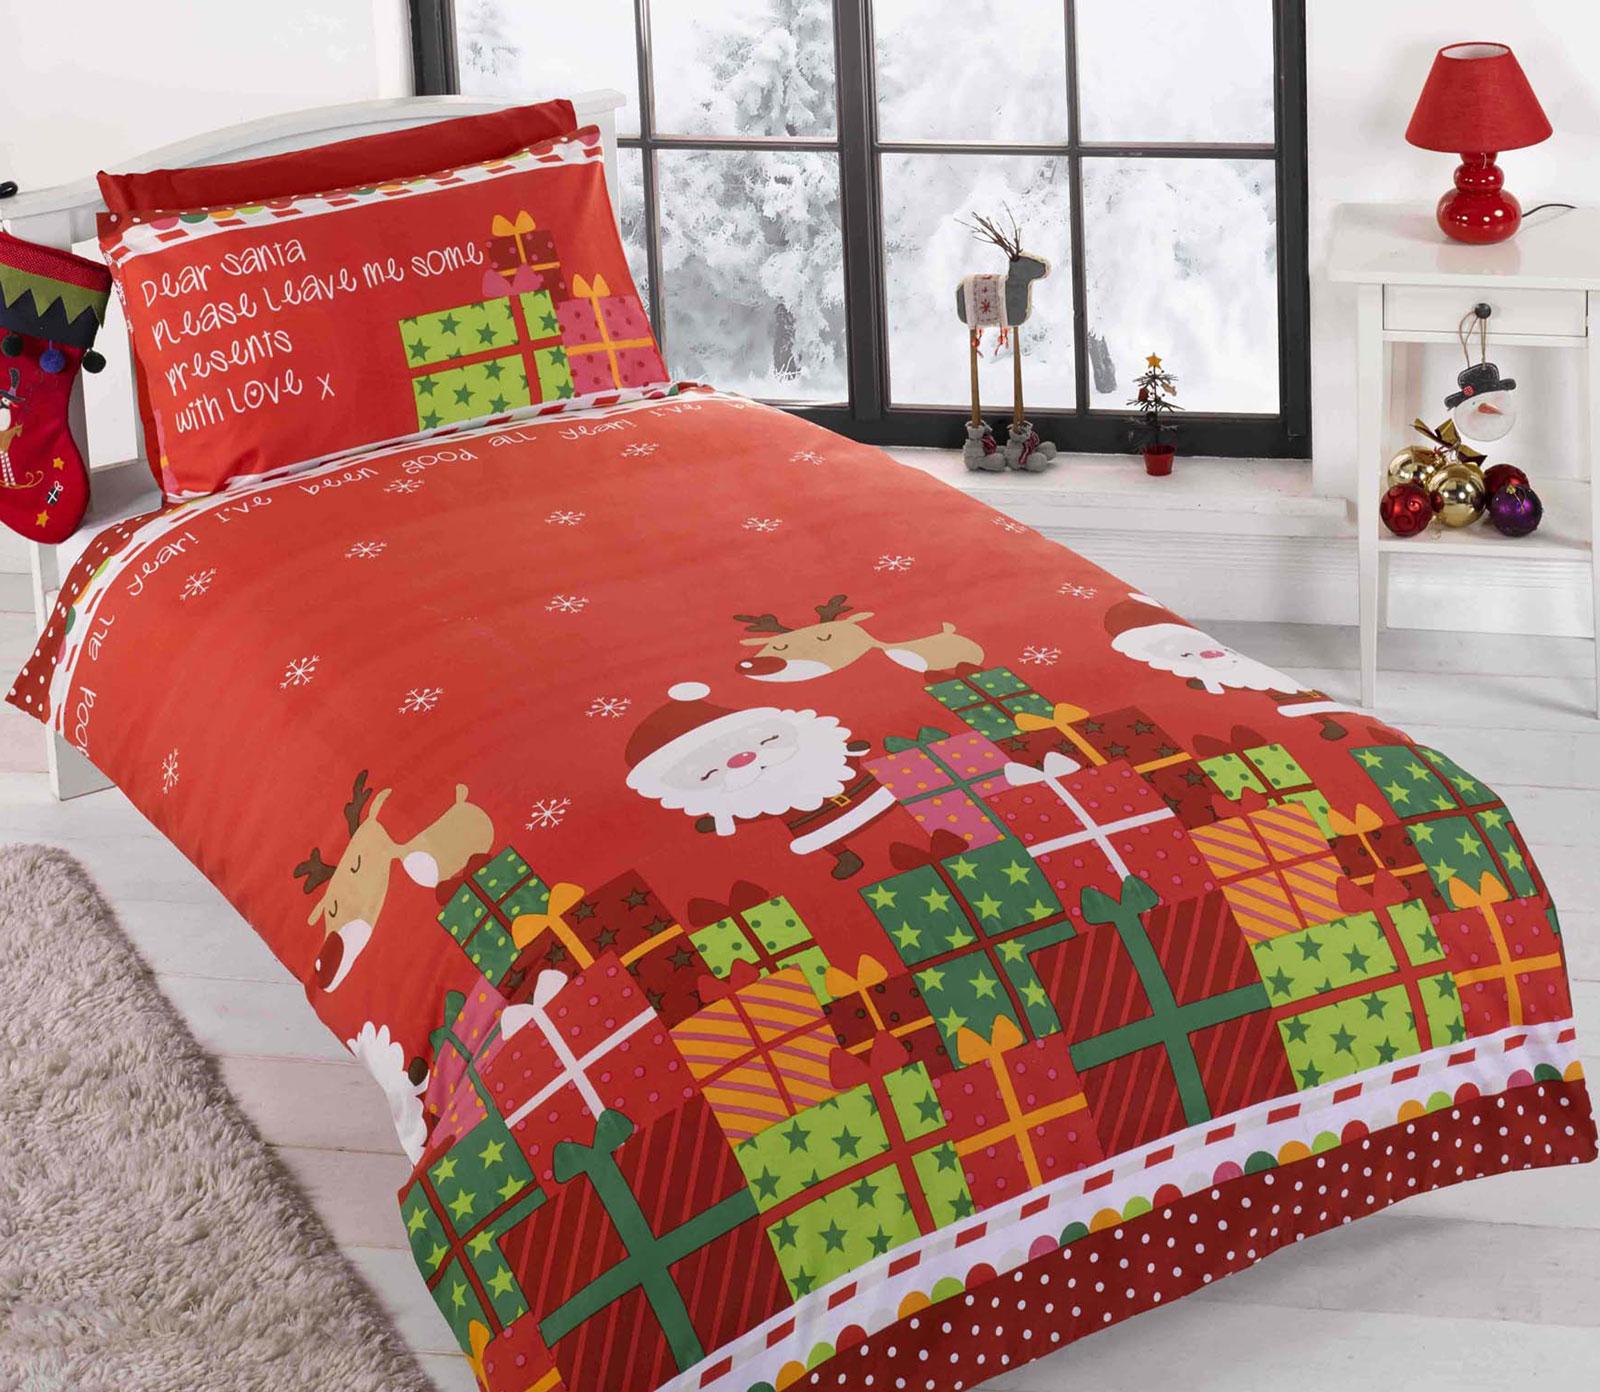 jule sengetøj Jule Sengetøj   Kære Julemand Kr. 199   på lager til omgående levering jule sengetøj